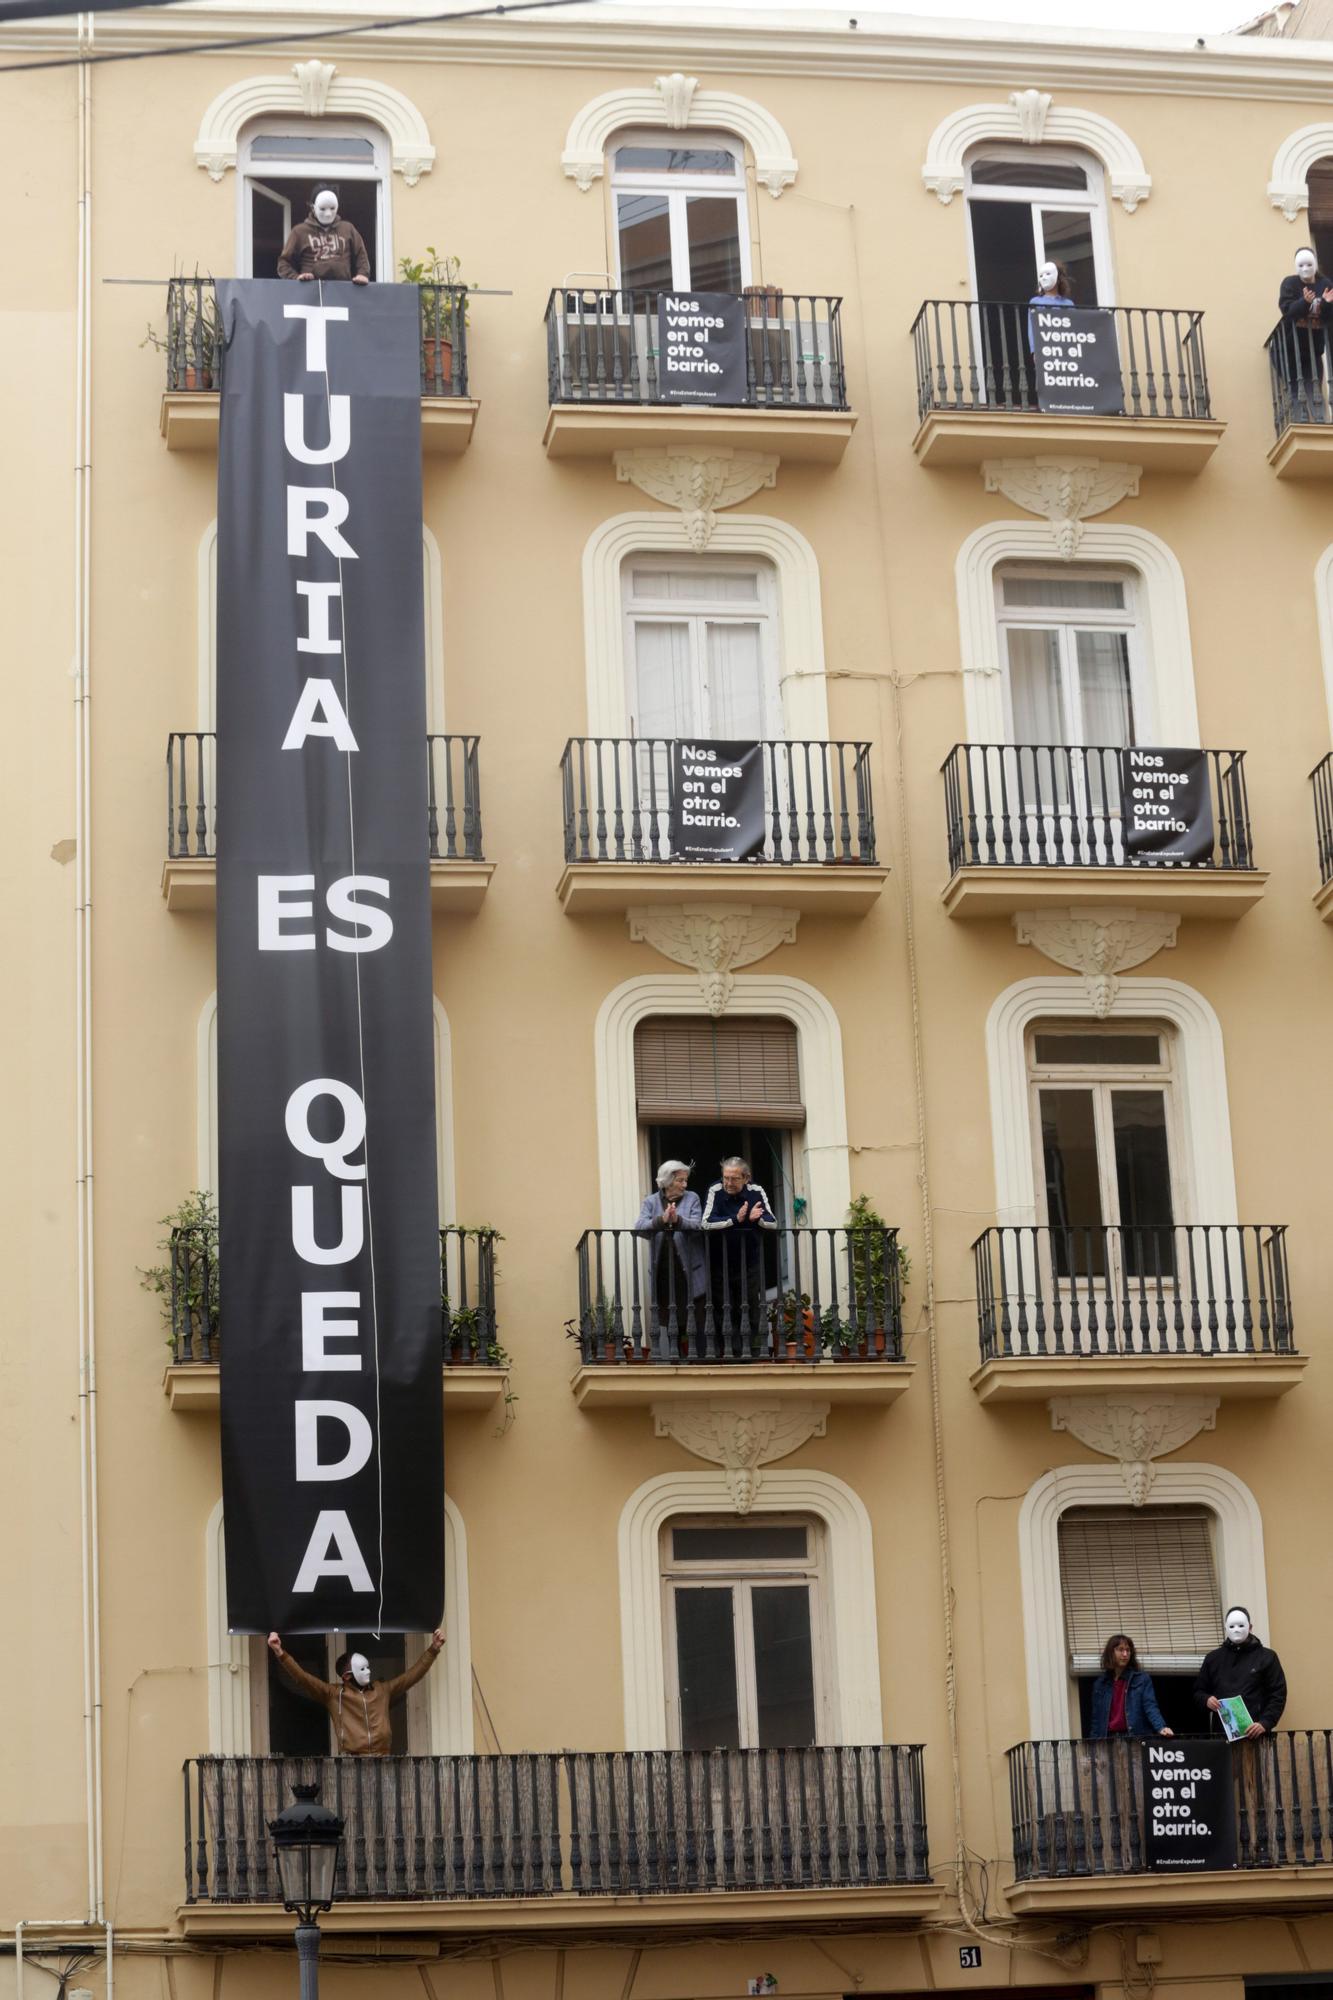 Protesta en la calle Turia ante el desahucio de 16 familias para construir apartamentos turísticos